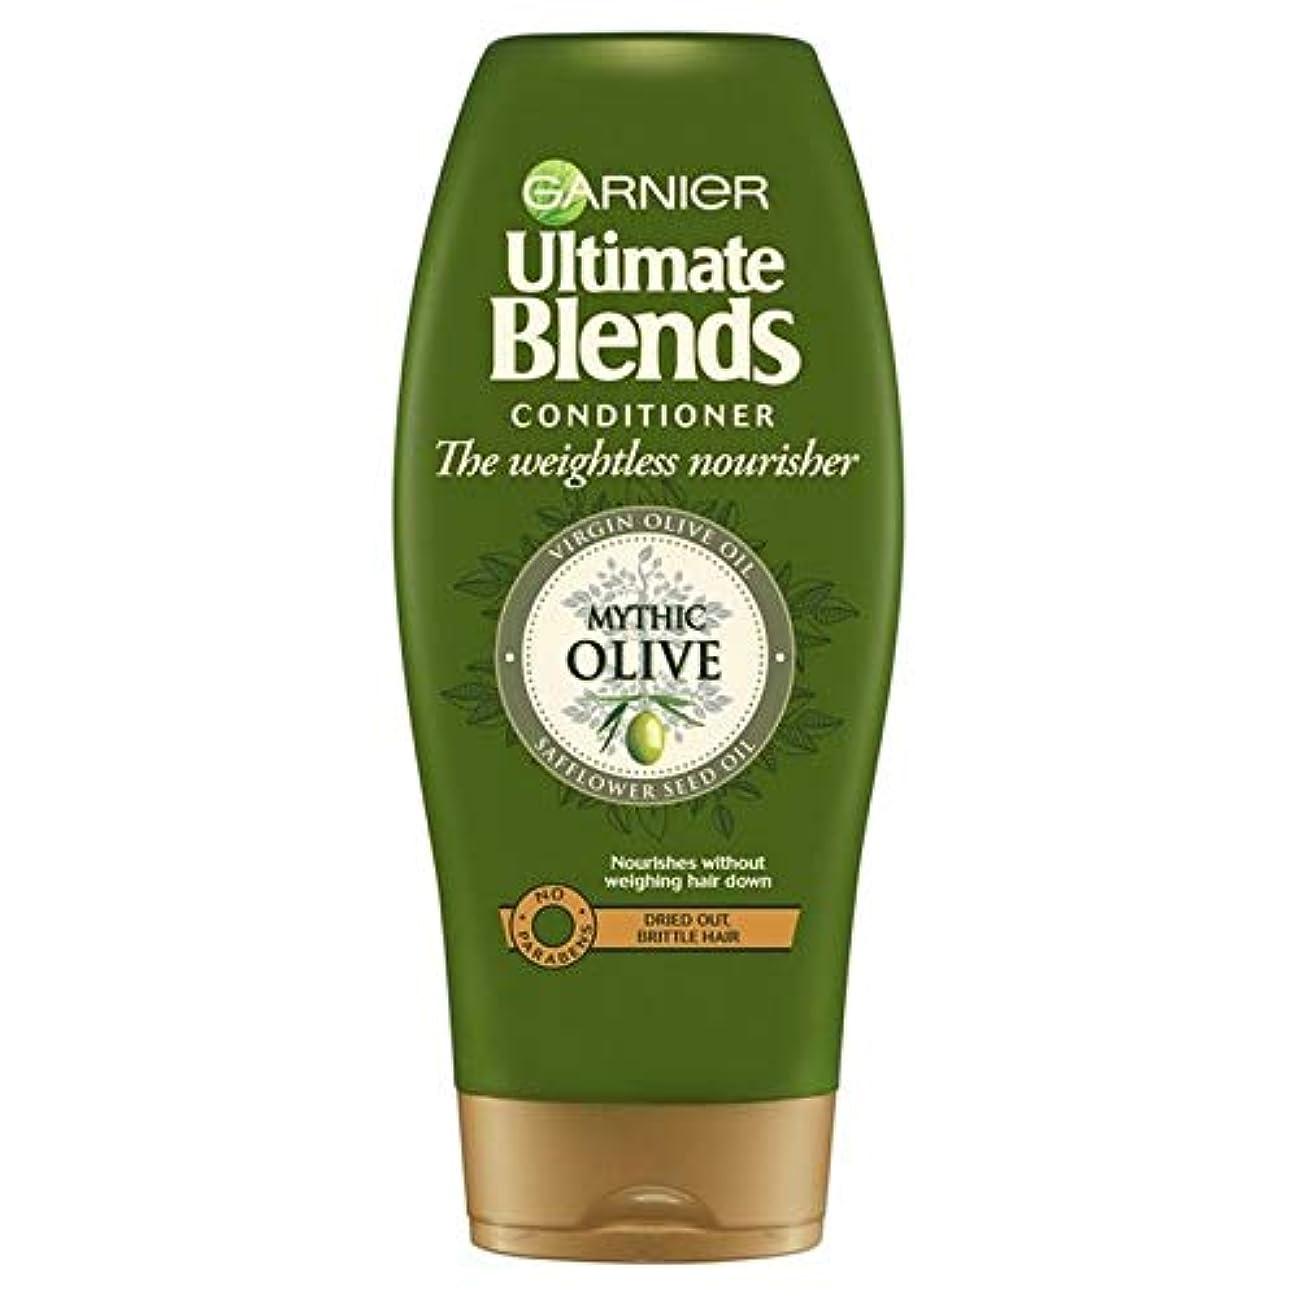 ノミネート比喩アナウンサー[Garnier ] ガルニエ究極のオリーブオイルドライヘアコンディショナー360ミリリットルをブレンド - Garnier Ultimate Blends Olive Oil Dry Hair Conditioner...